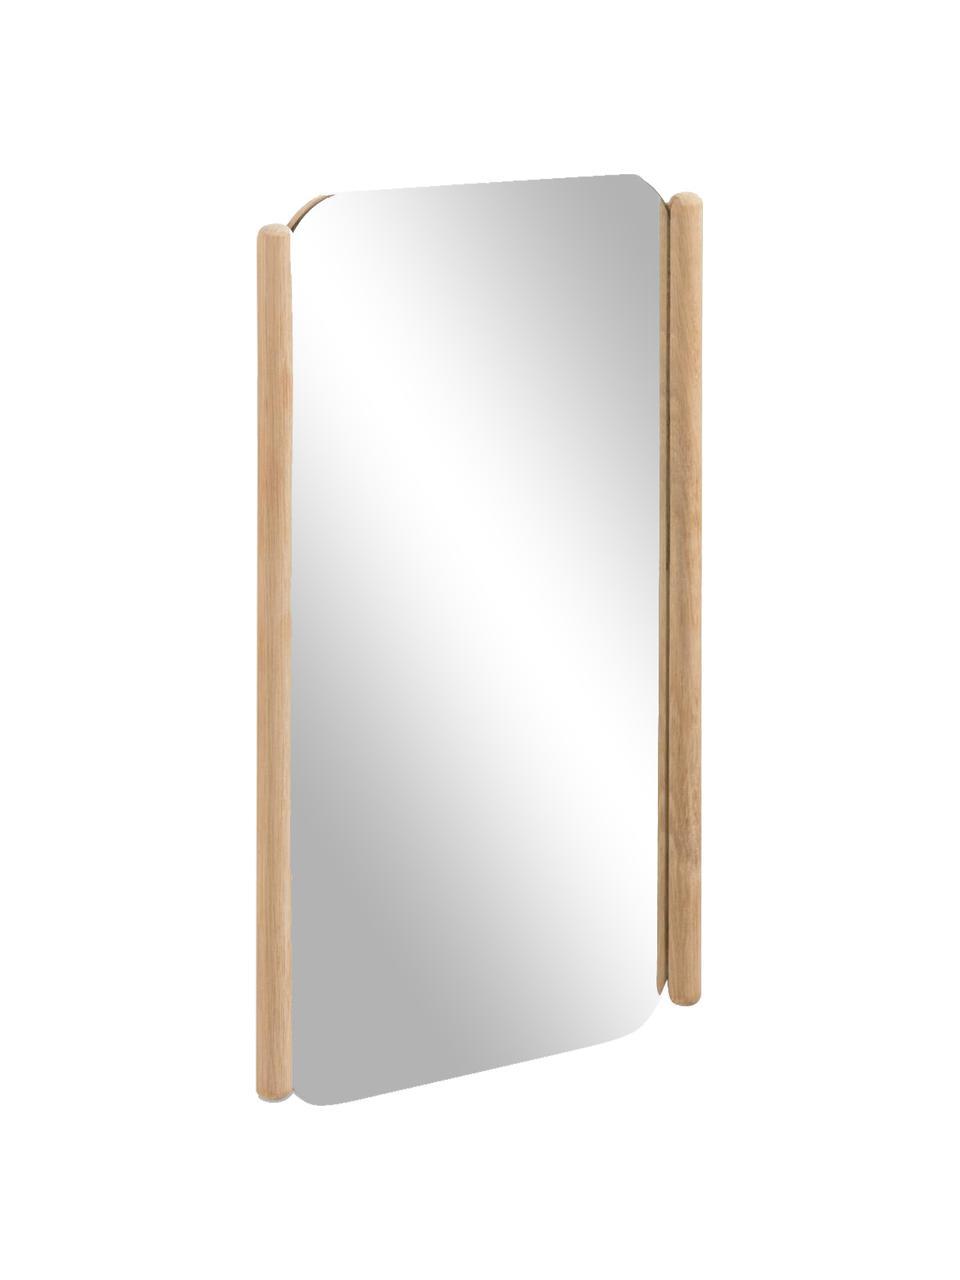 Wandspiegel Natane met houten lijst, Frame: MDF, Bruin, 34 x 54 cm